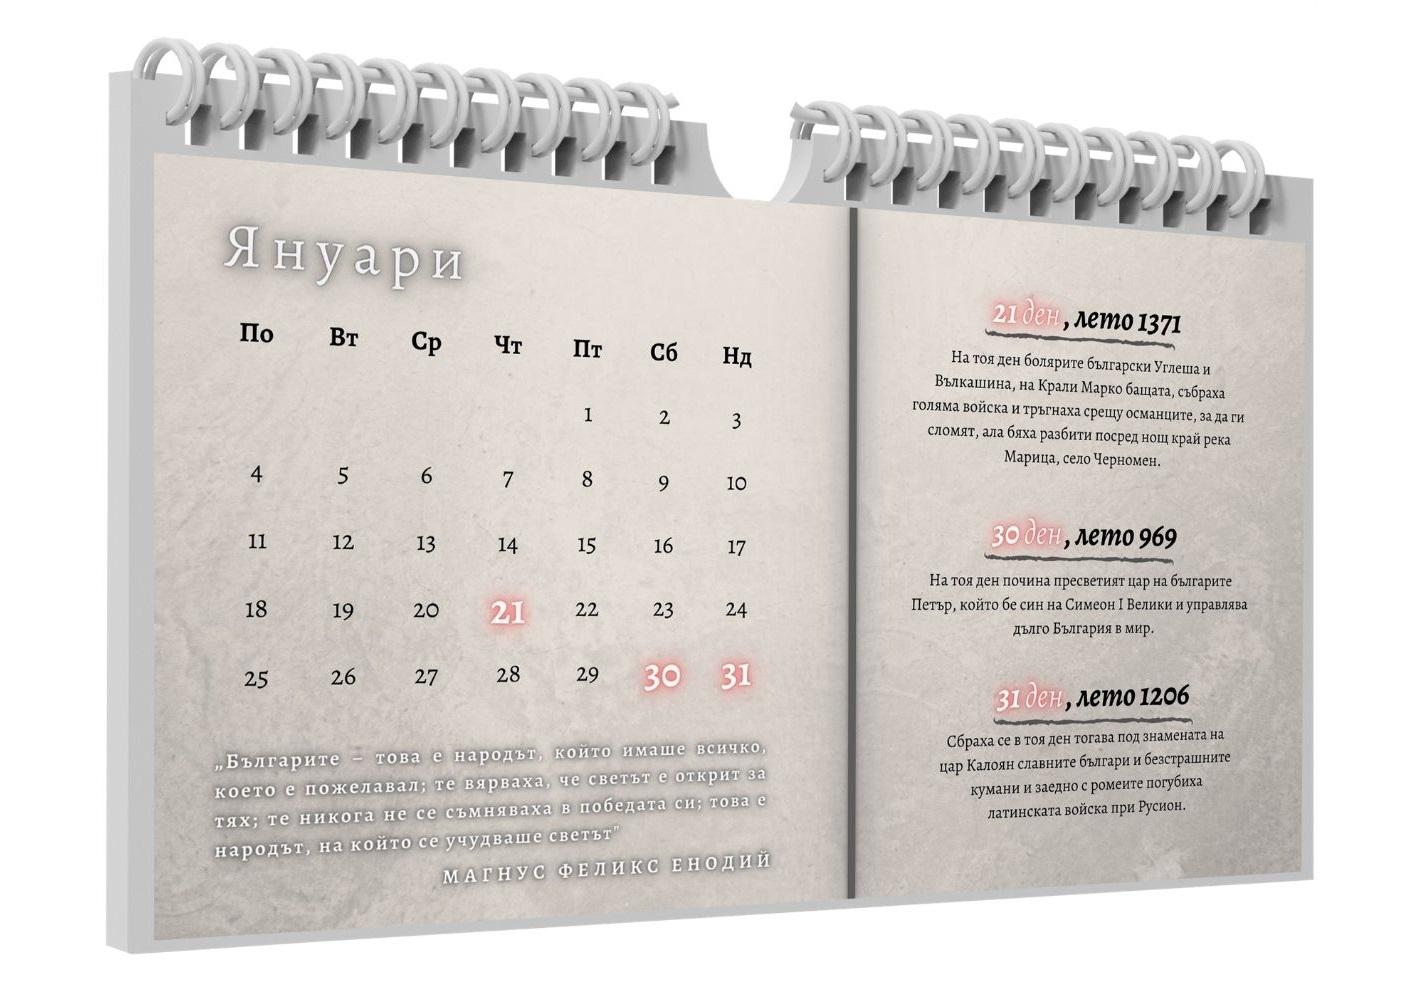 Kalendari flyer 3